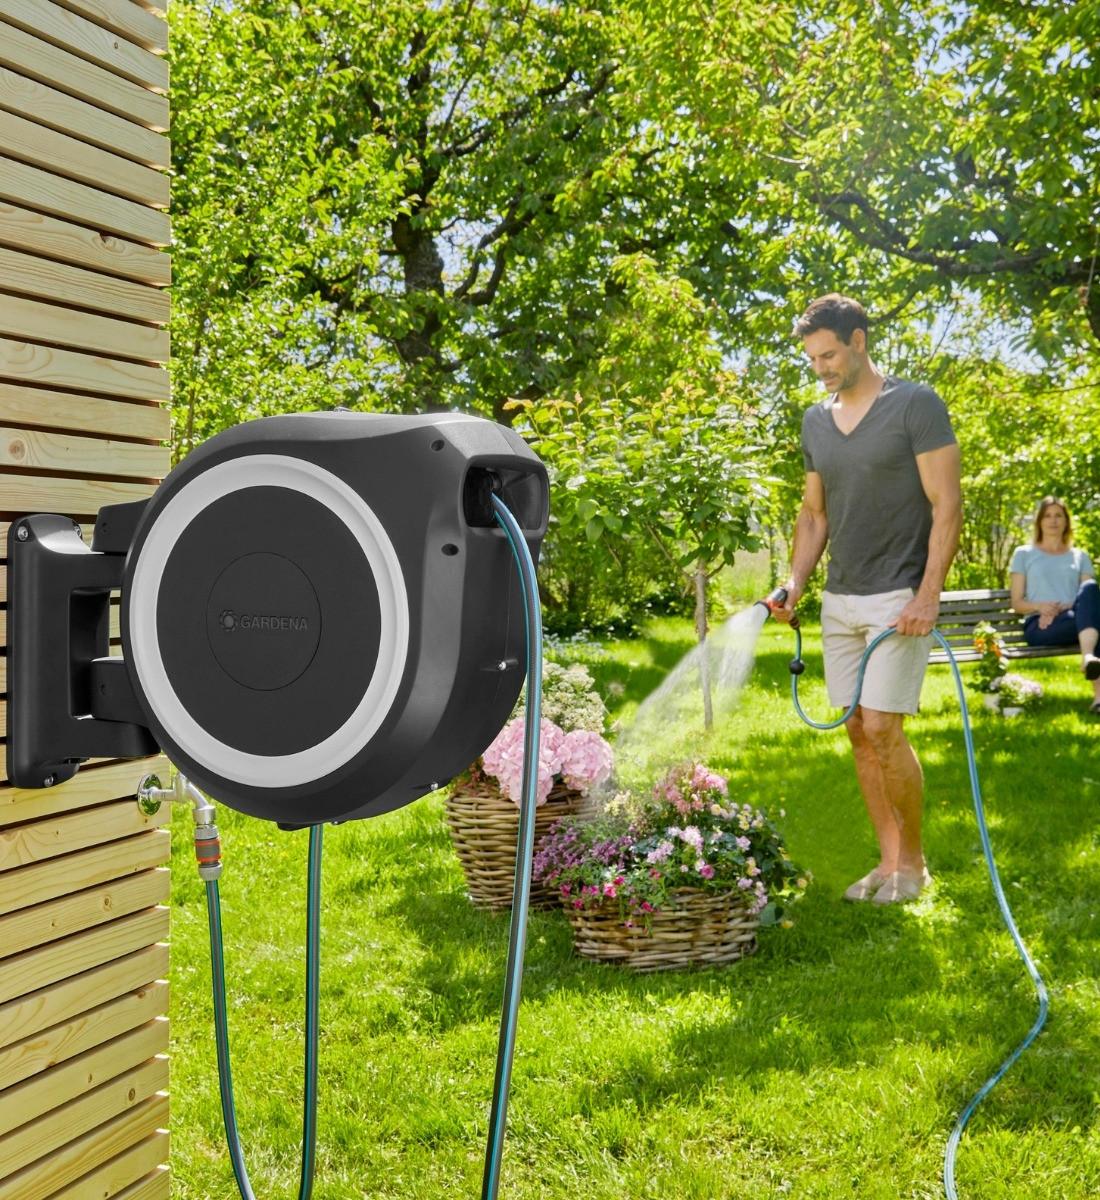 Väggslangbox RollUp XL i trädgården